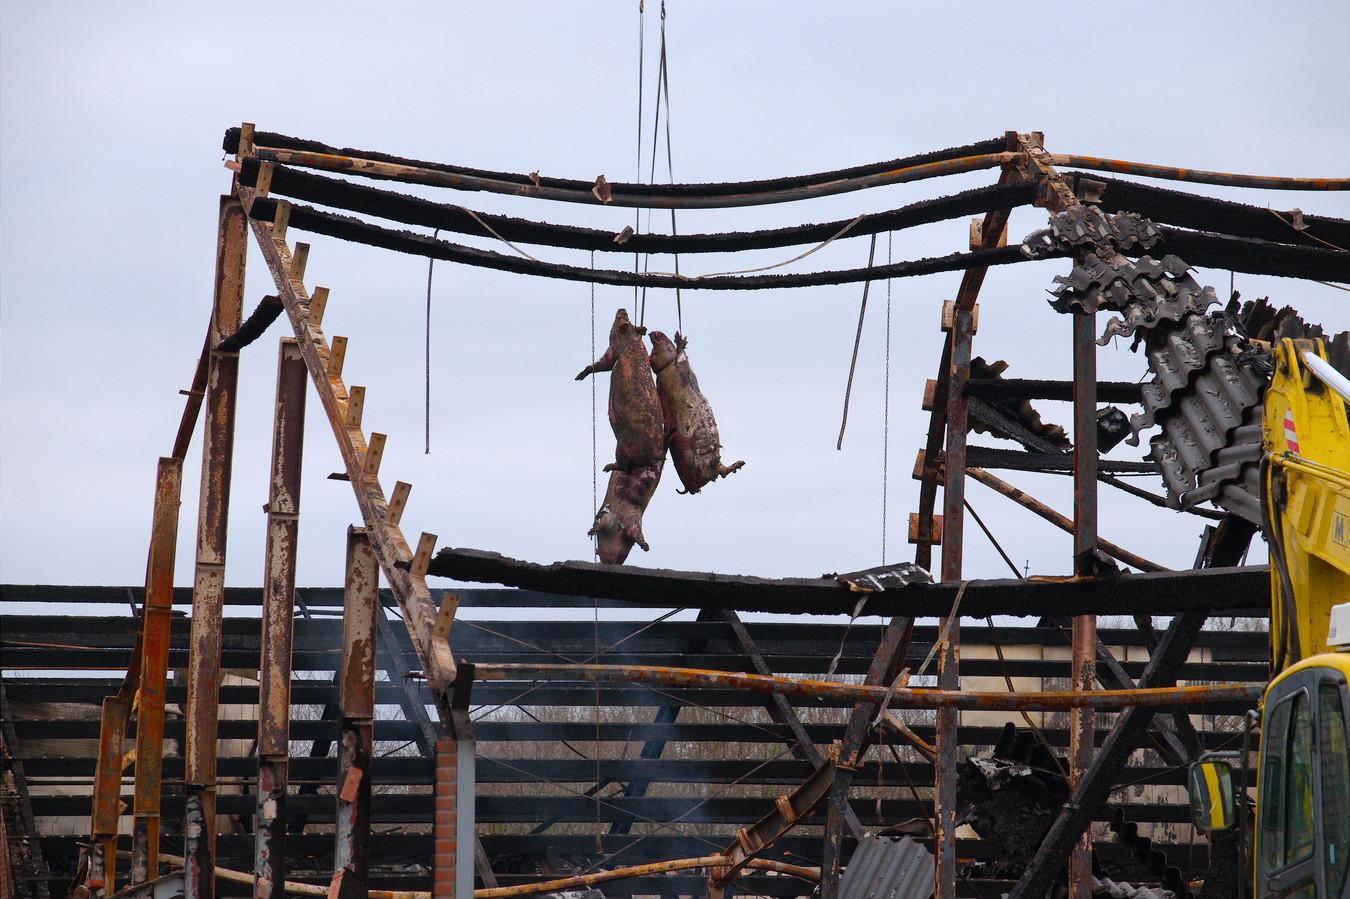 De gruwelijke werkelijkheid van stalbranden in de varkenssector. Fotoserie genomineerd in de categorie Hedendaagse kwesties. Foto: Jack Tummers